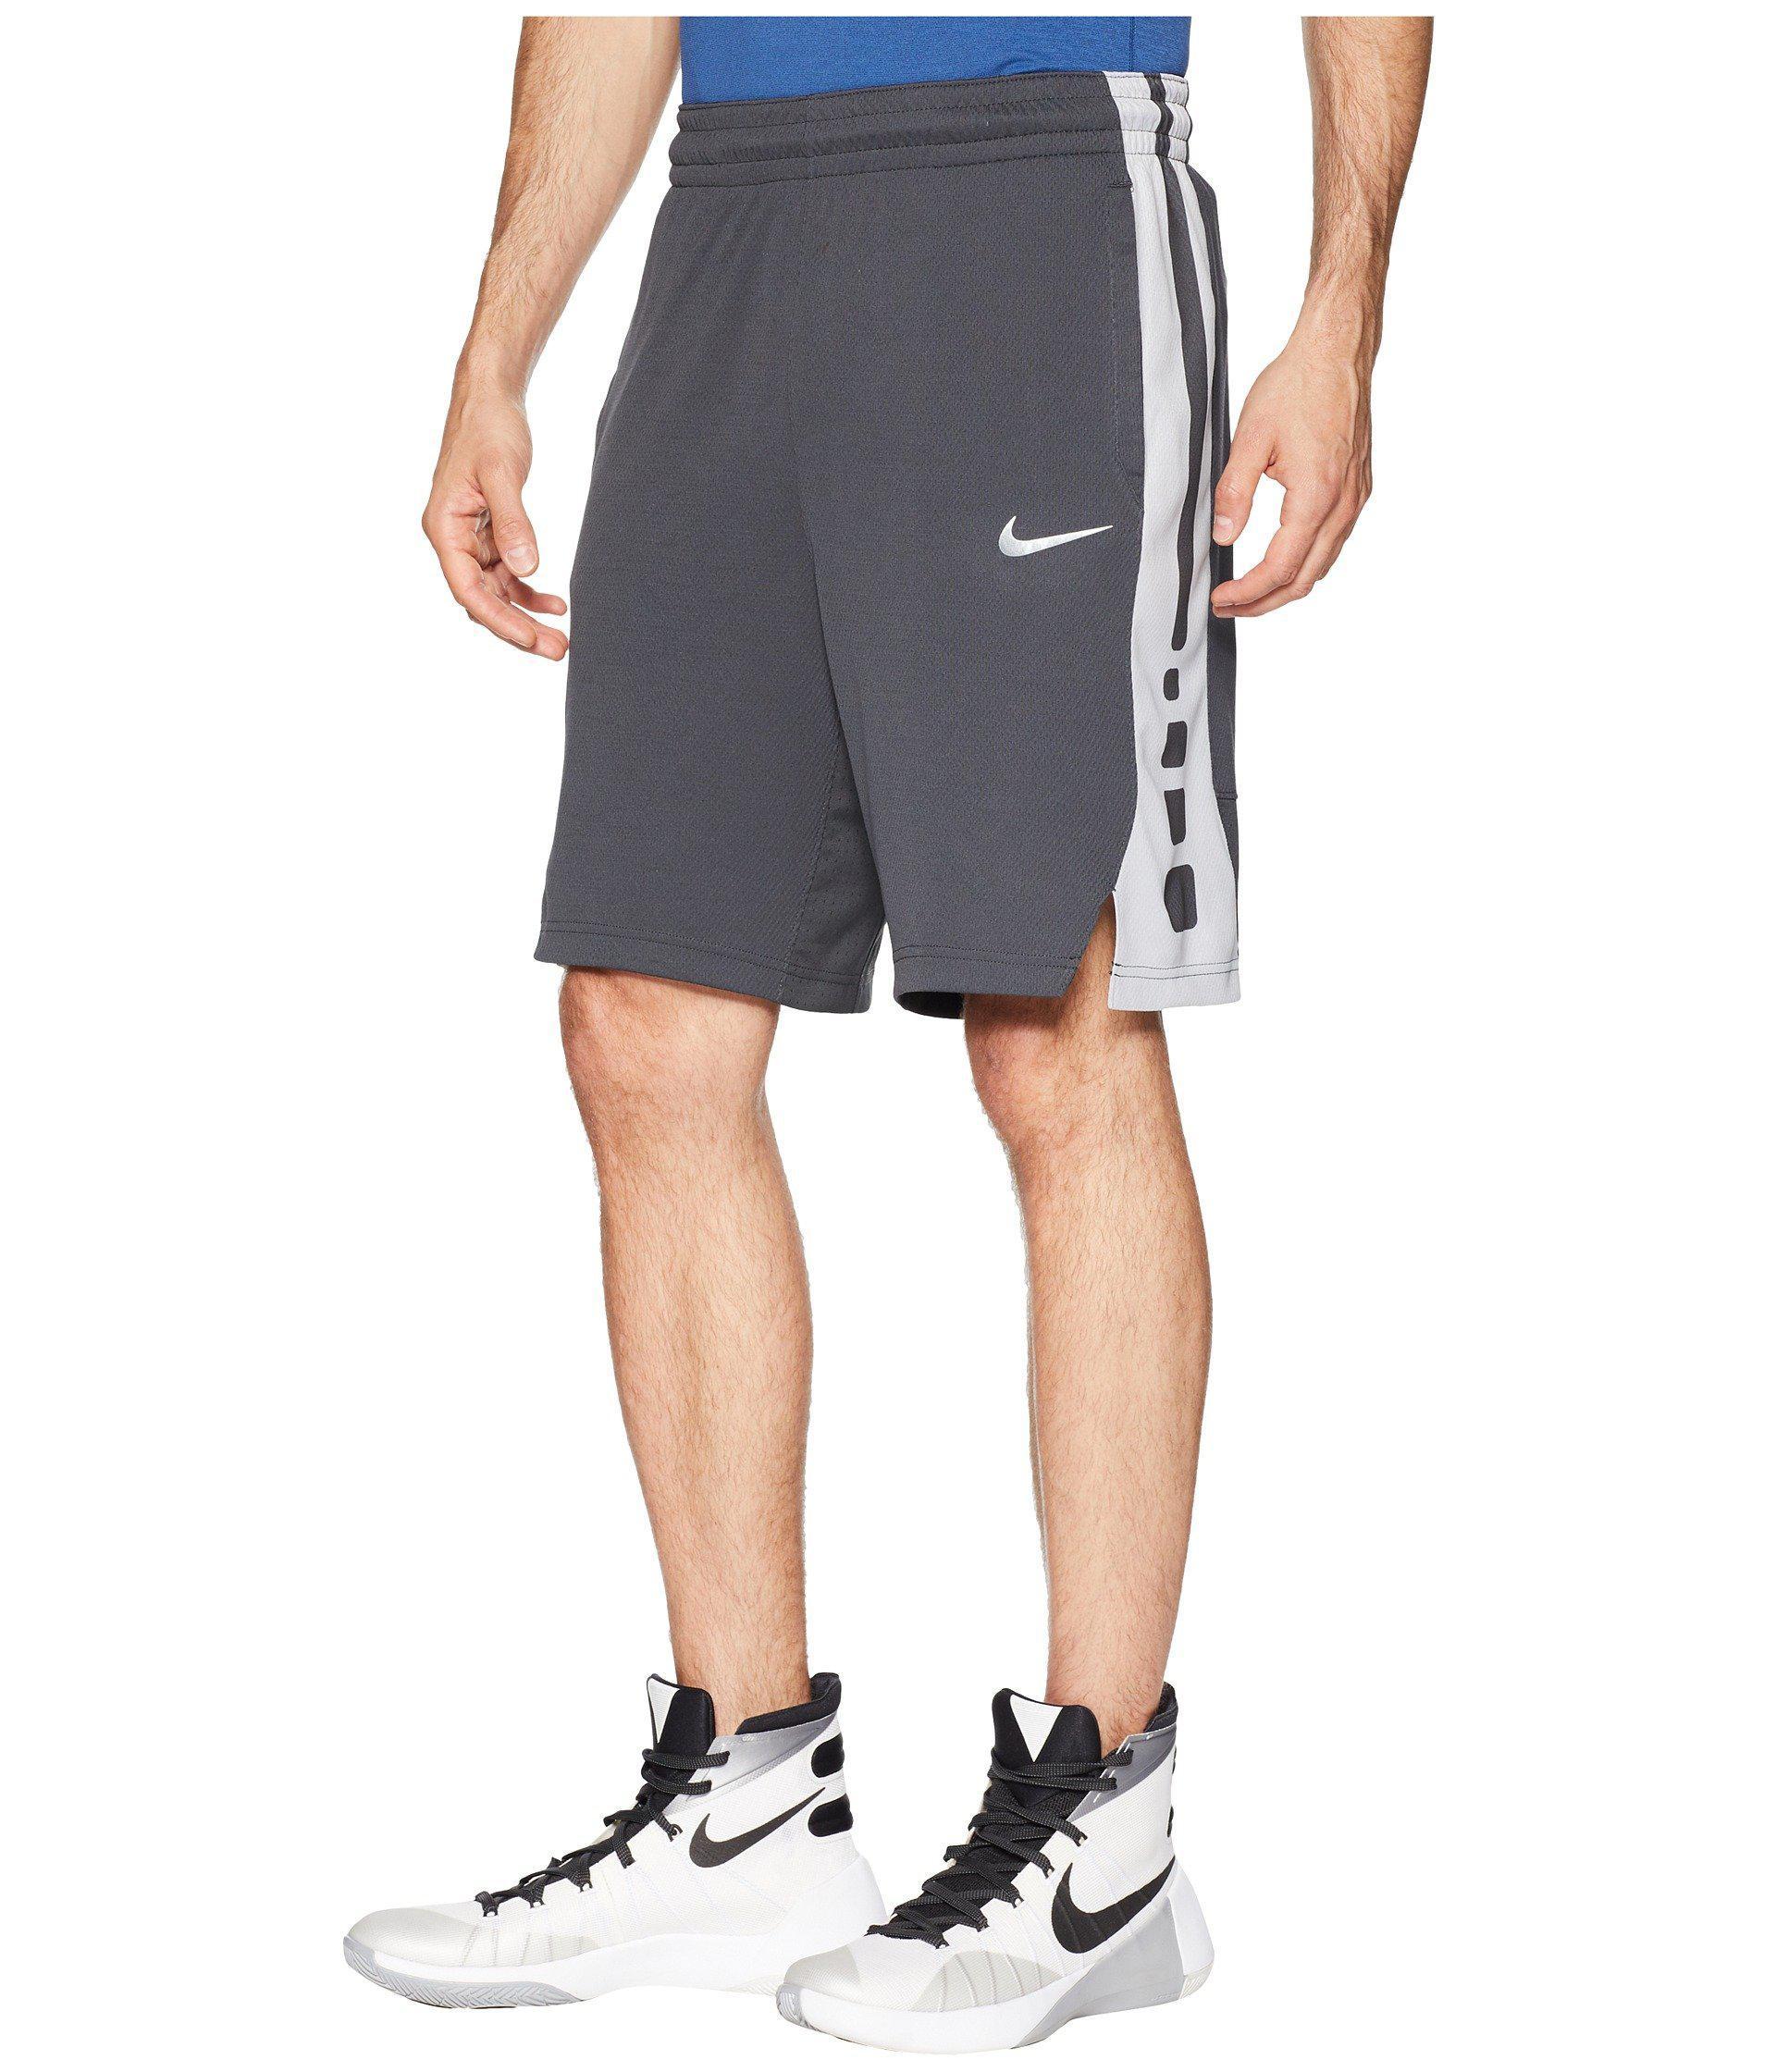 1b29d1a58baf Lyst - Nike Elite Stripe Basketball Short in Gray for Men